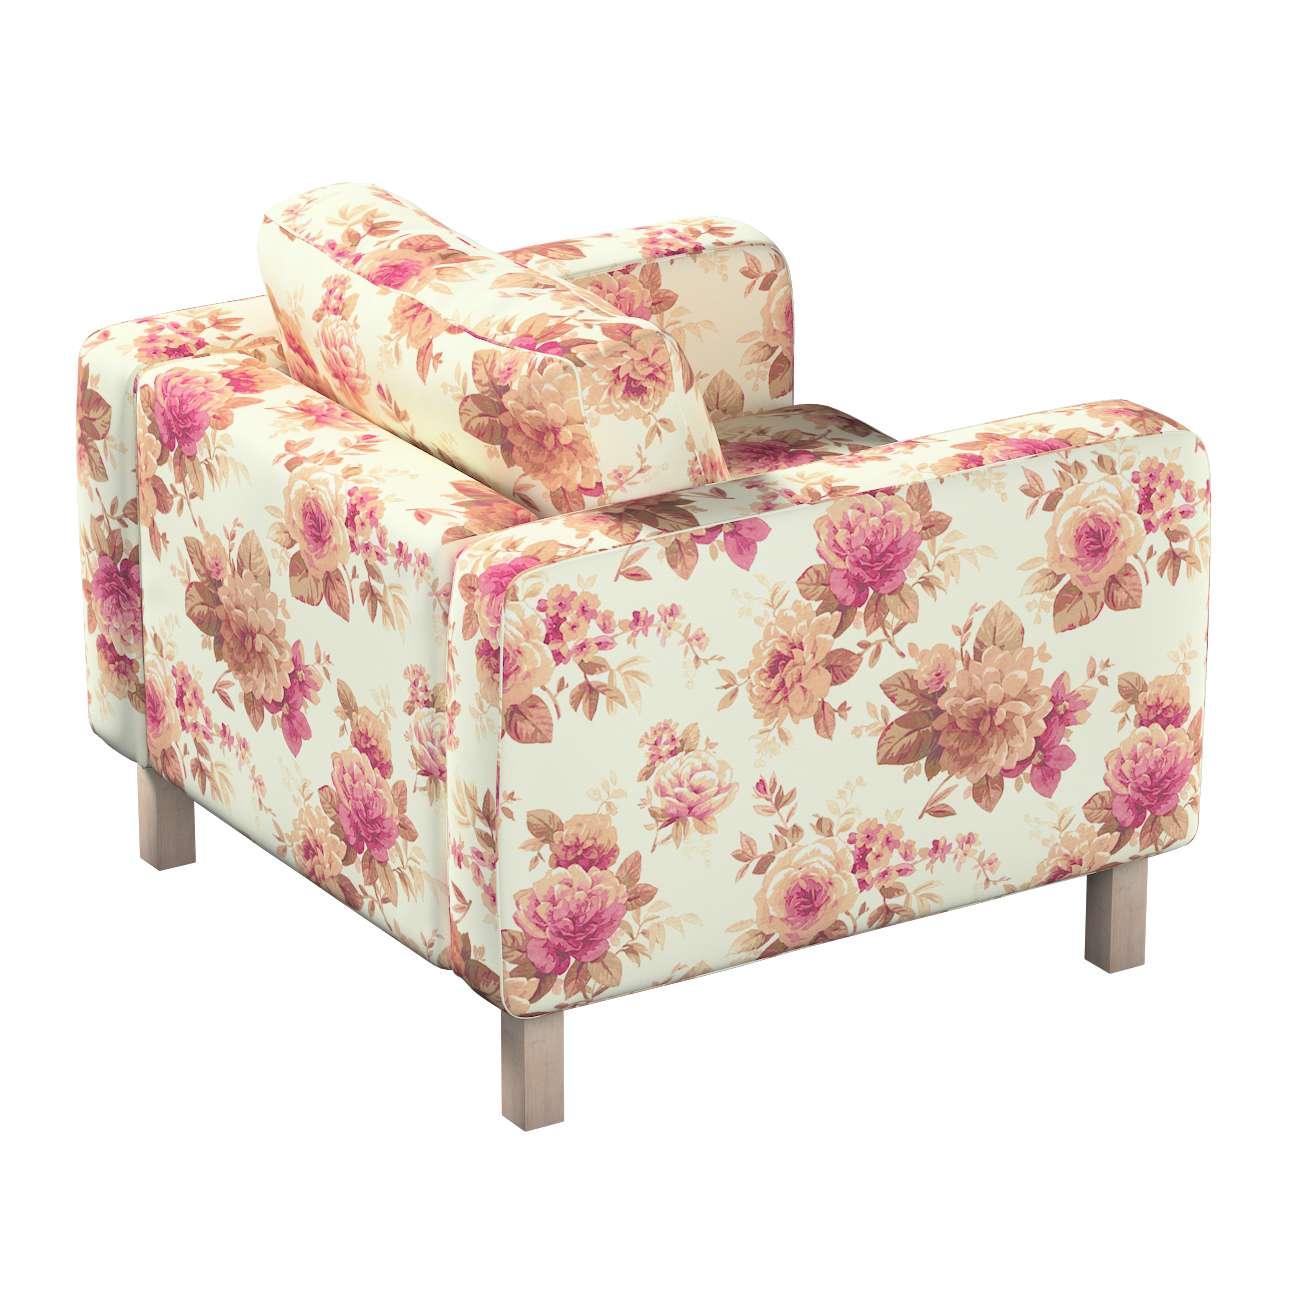 Pokrowiec na fotel Karlstad, krótki w kolekcji Mirella, tkanina: 141-06